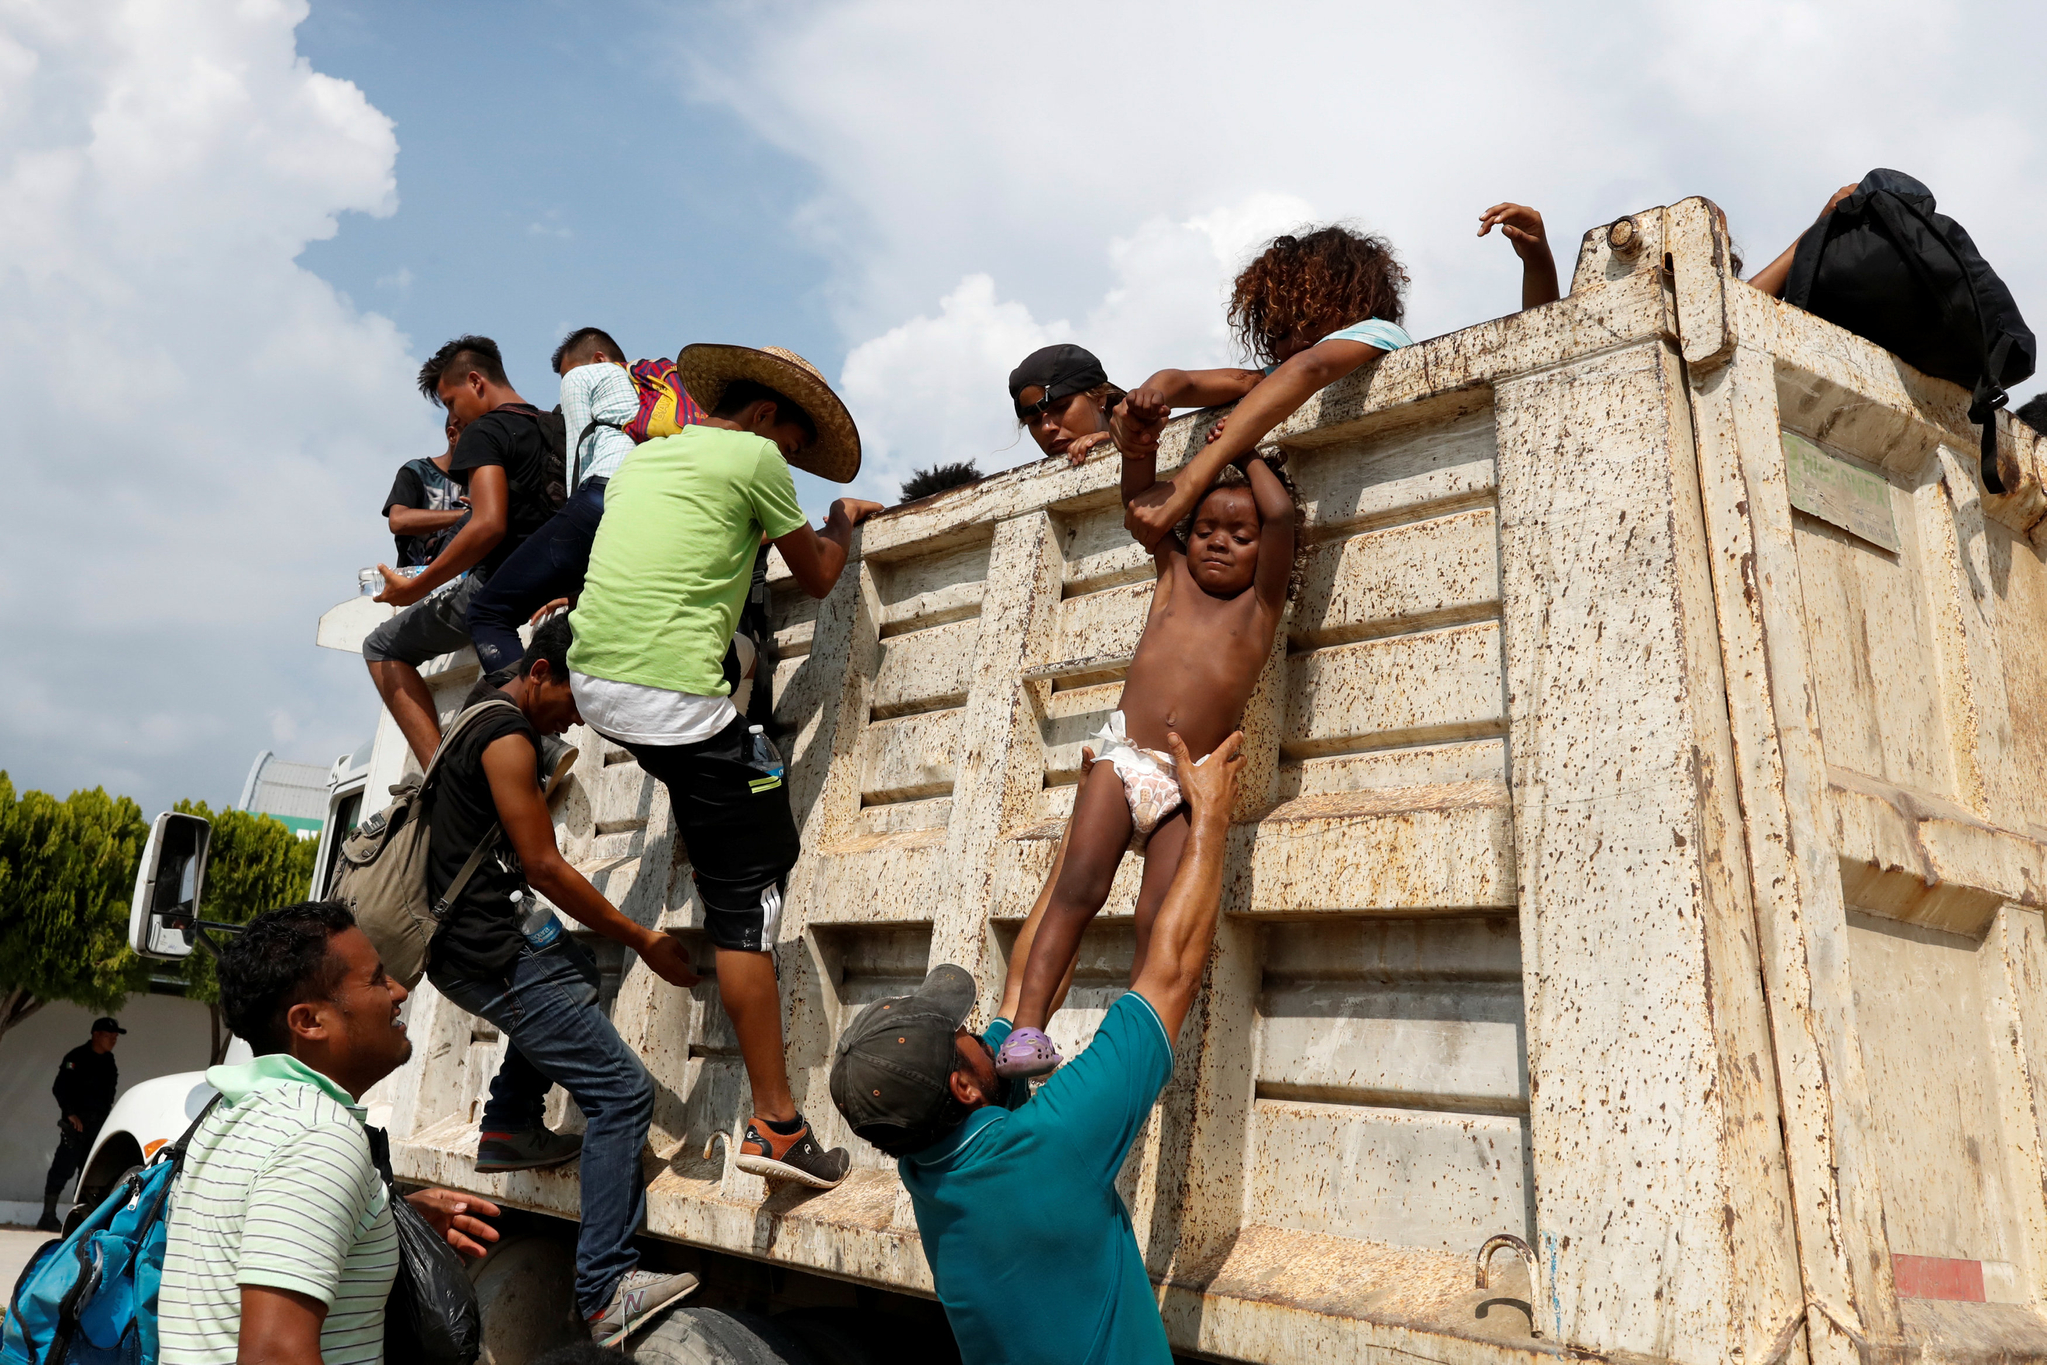 이민자들이 4일(현지시간) 멕시코 아리아가에 도착해 타고 온 트럭에서 내리고 있다.[로이터=연합뉴스]